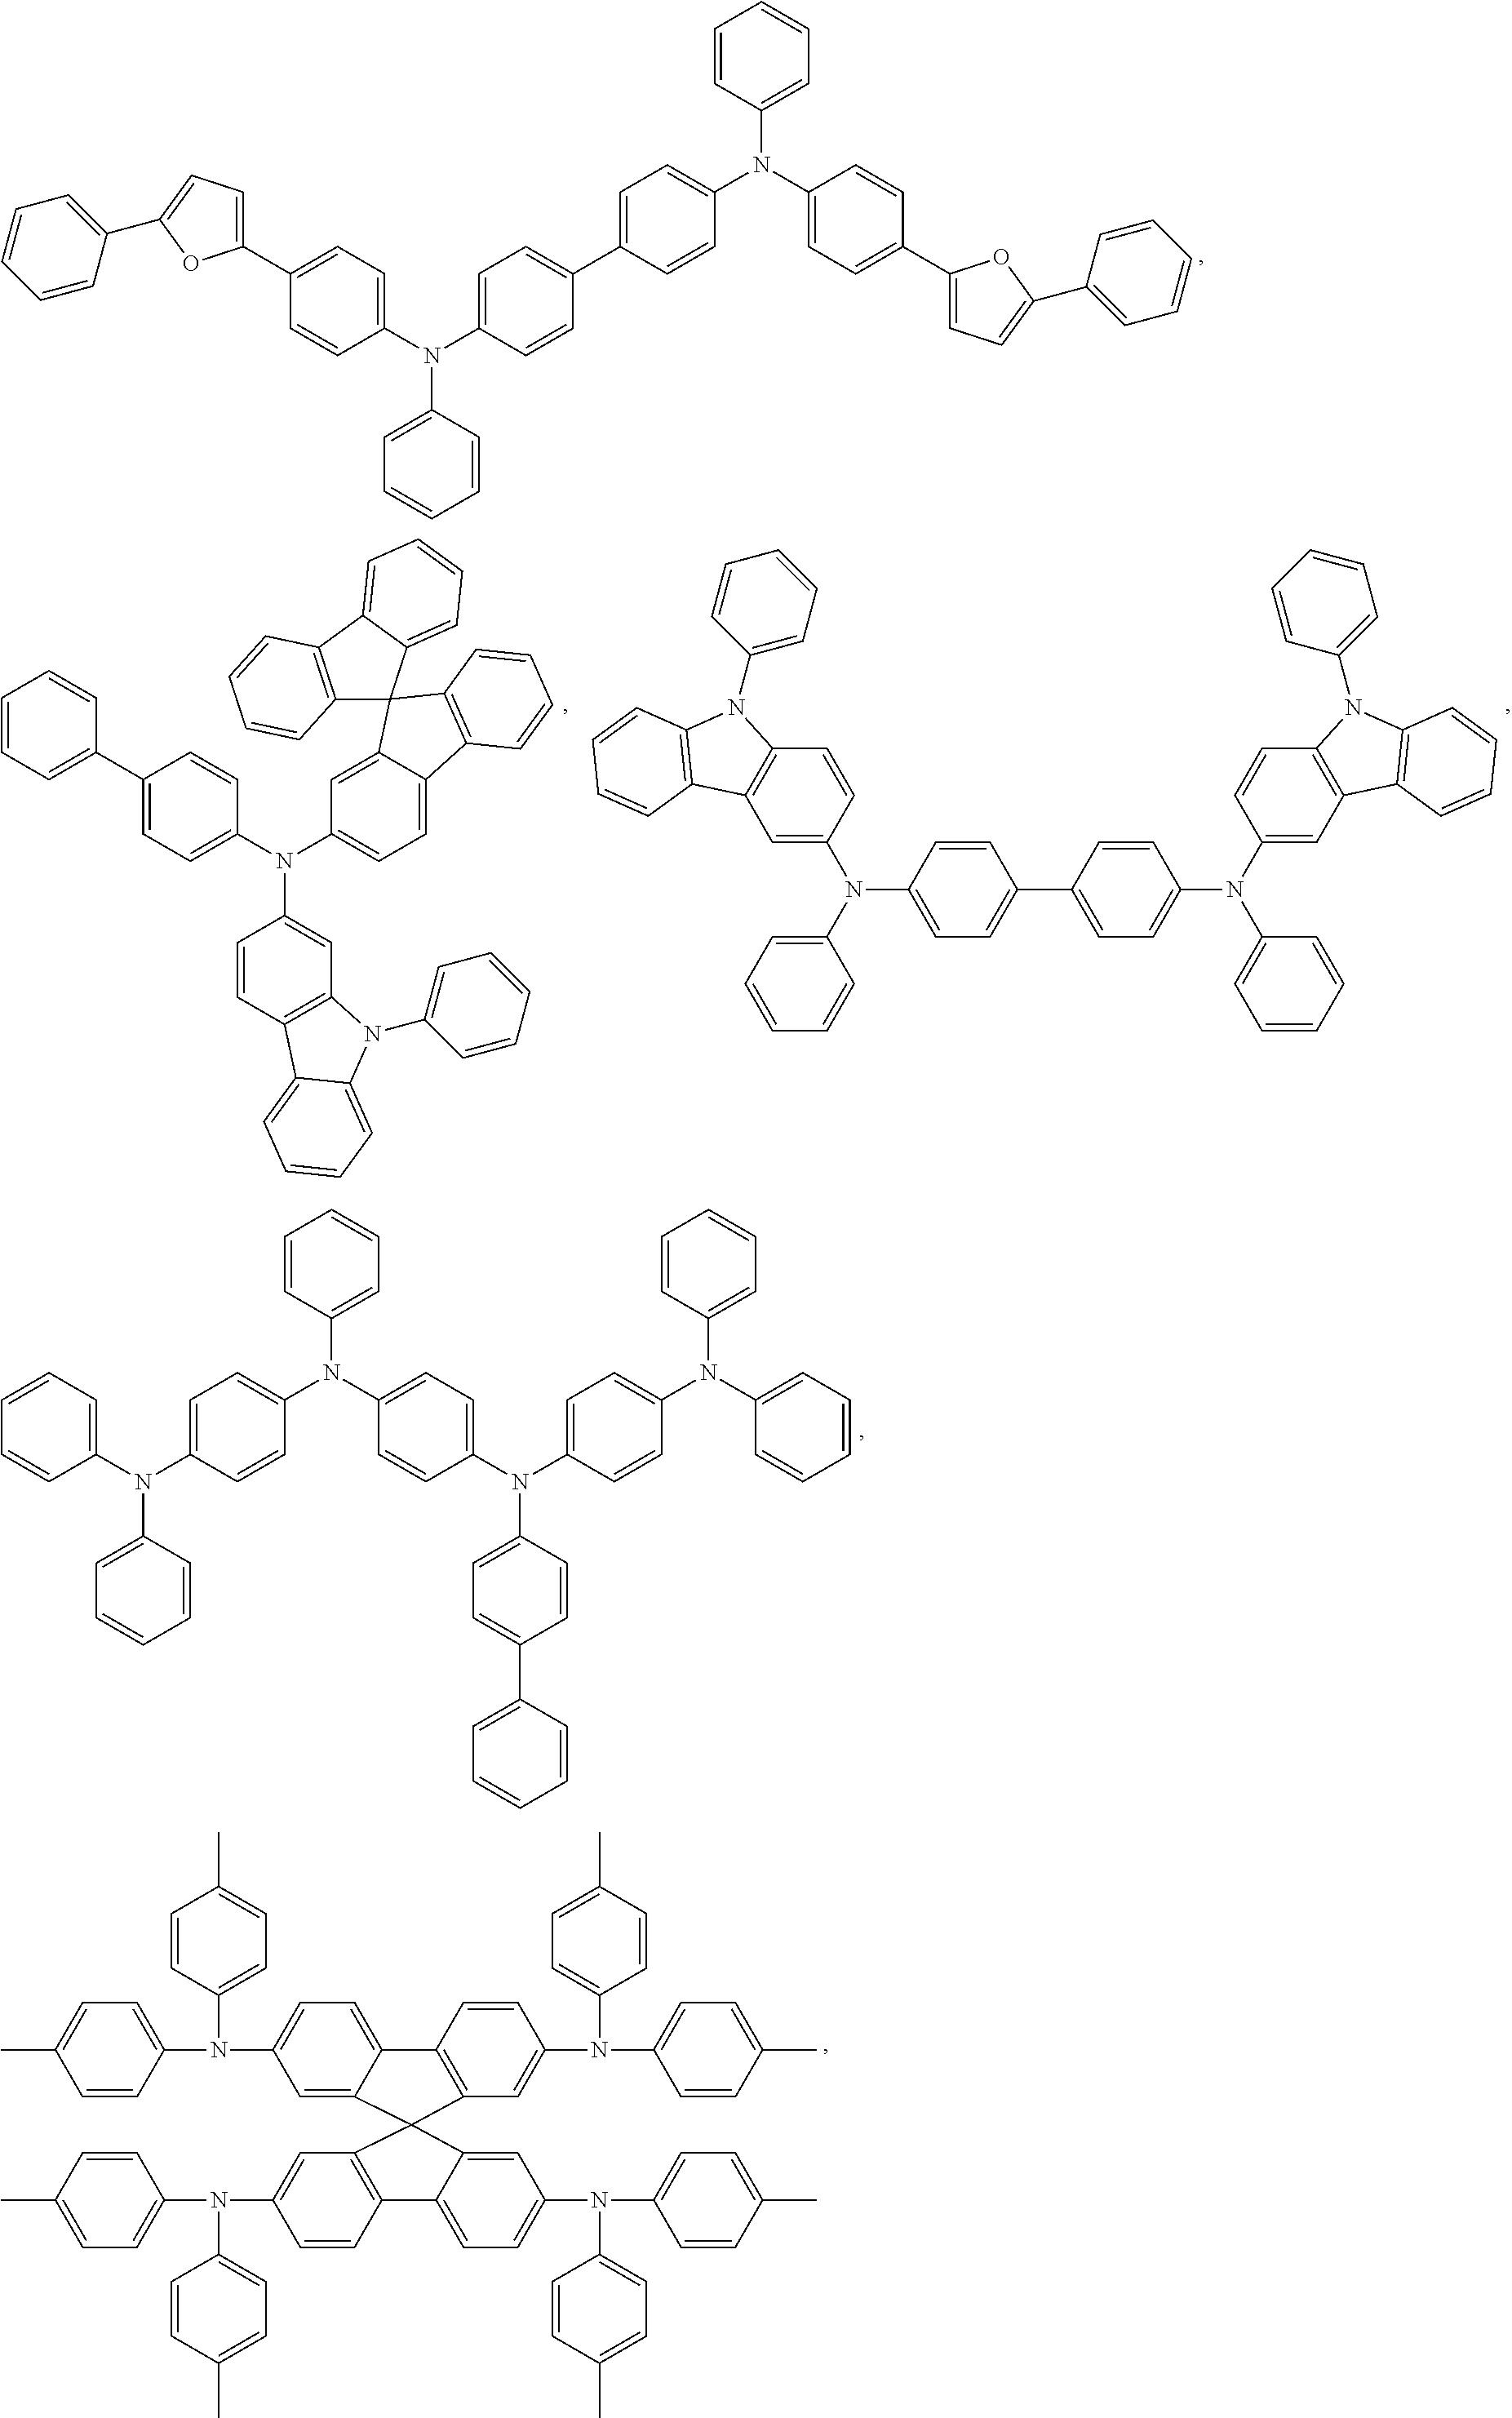 Figure US20180130962A1-20180510-C00147